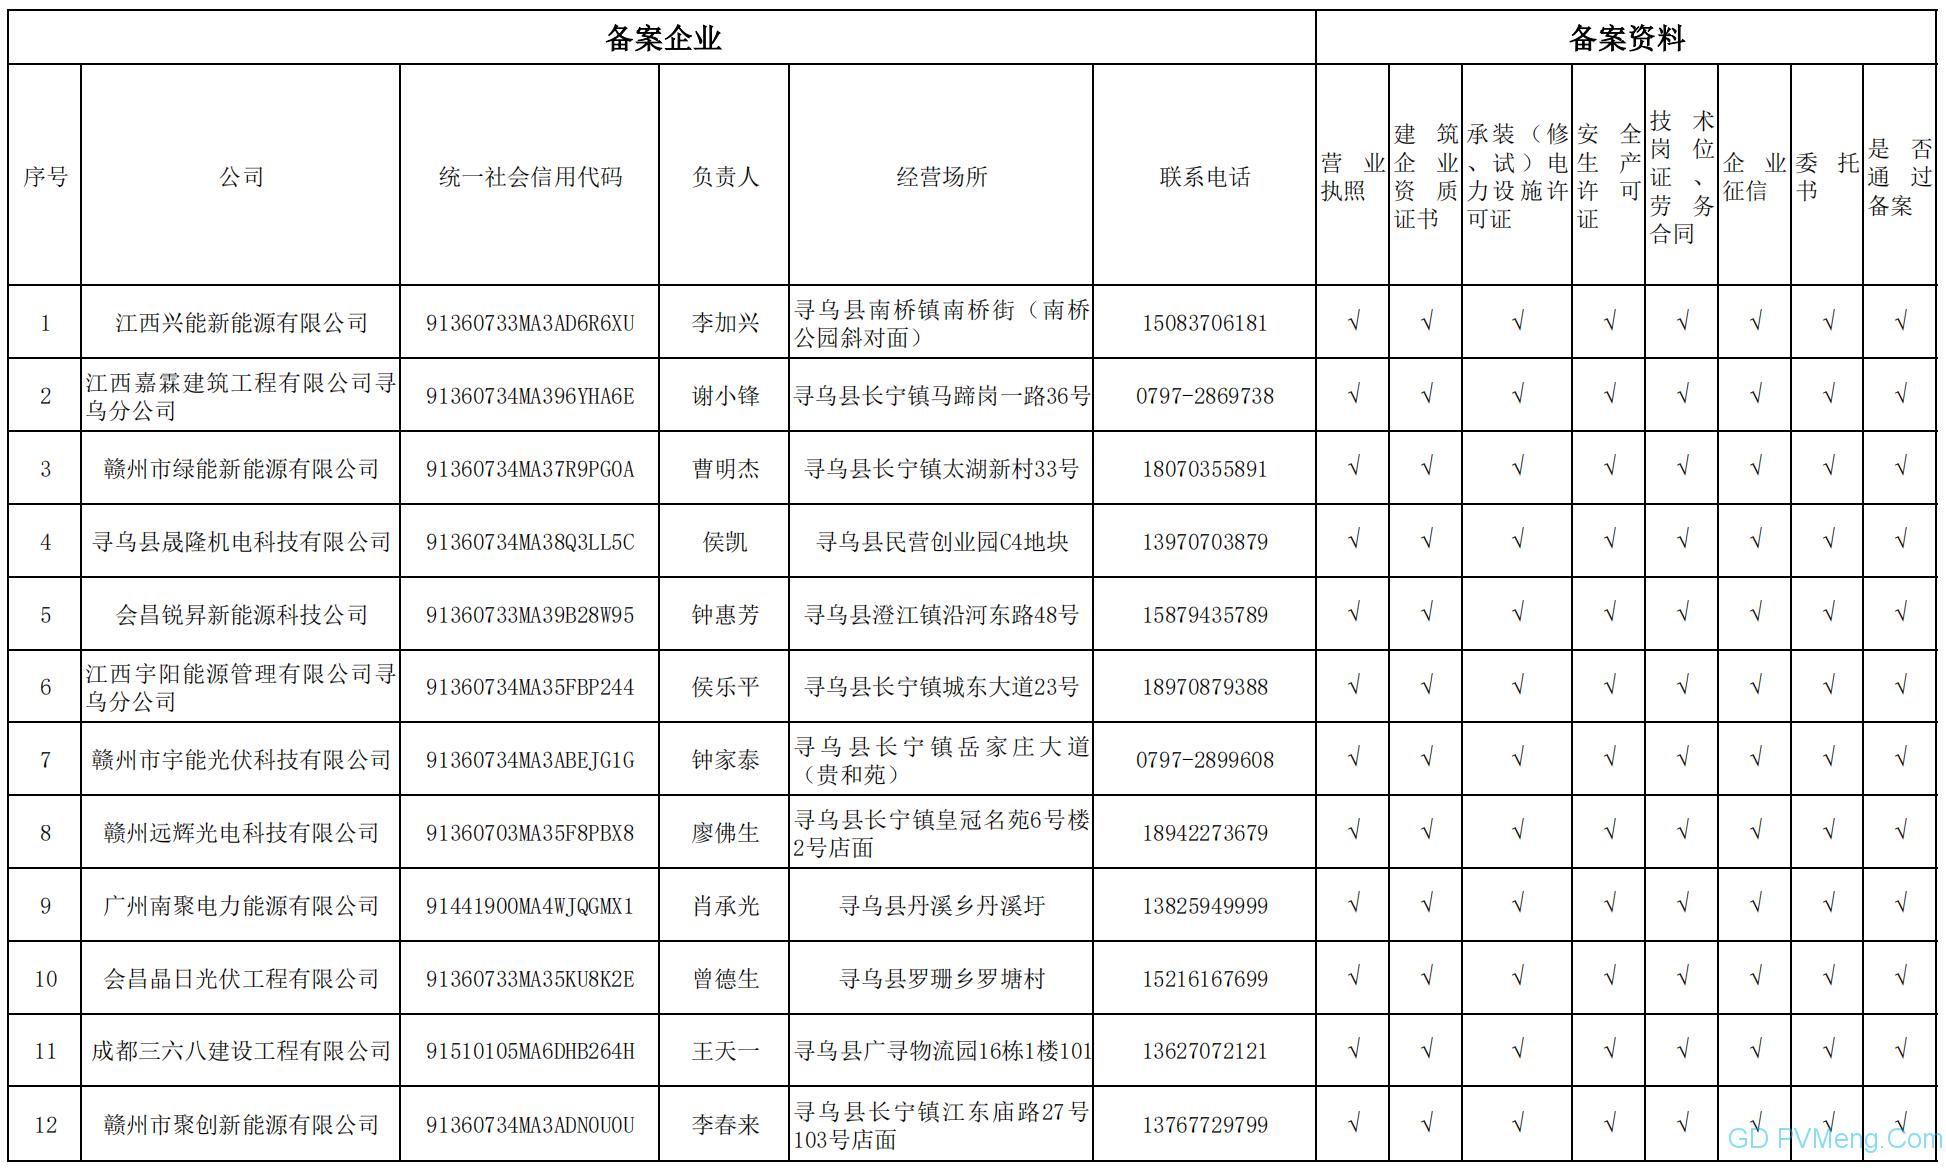 【户用管理模式】江西寻乌县户用光伏建筑企业备案公示 20210712